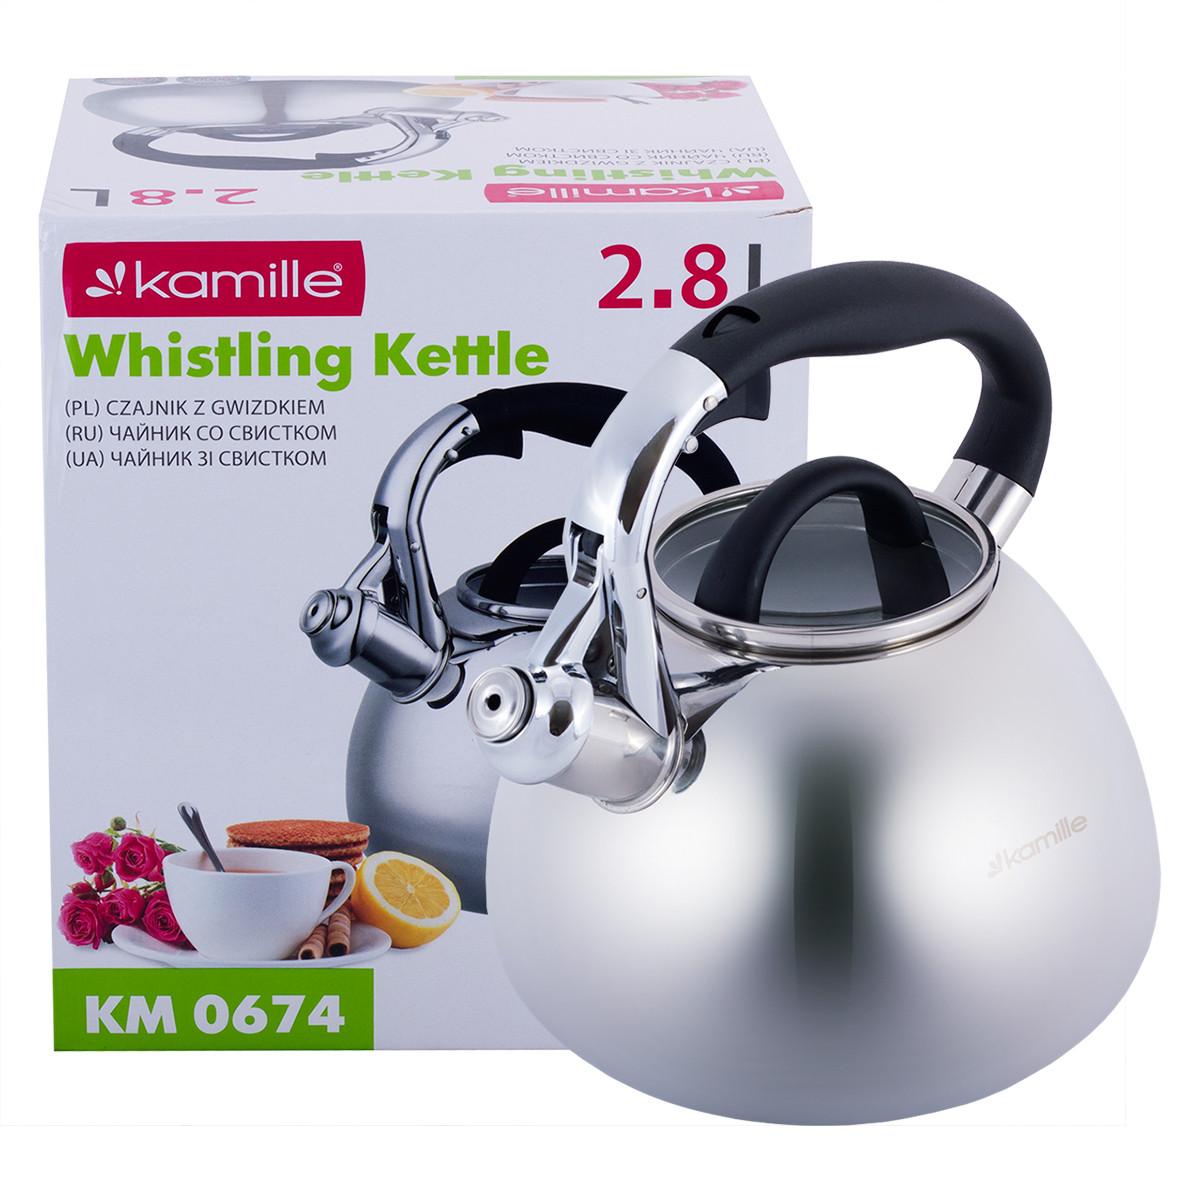 Чайник Kamille 2.8л из нержавеющей стали со свистком и стеклянной крышкой для индукции и газа KM-0674